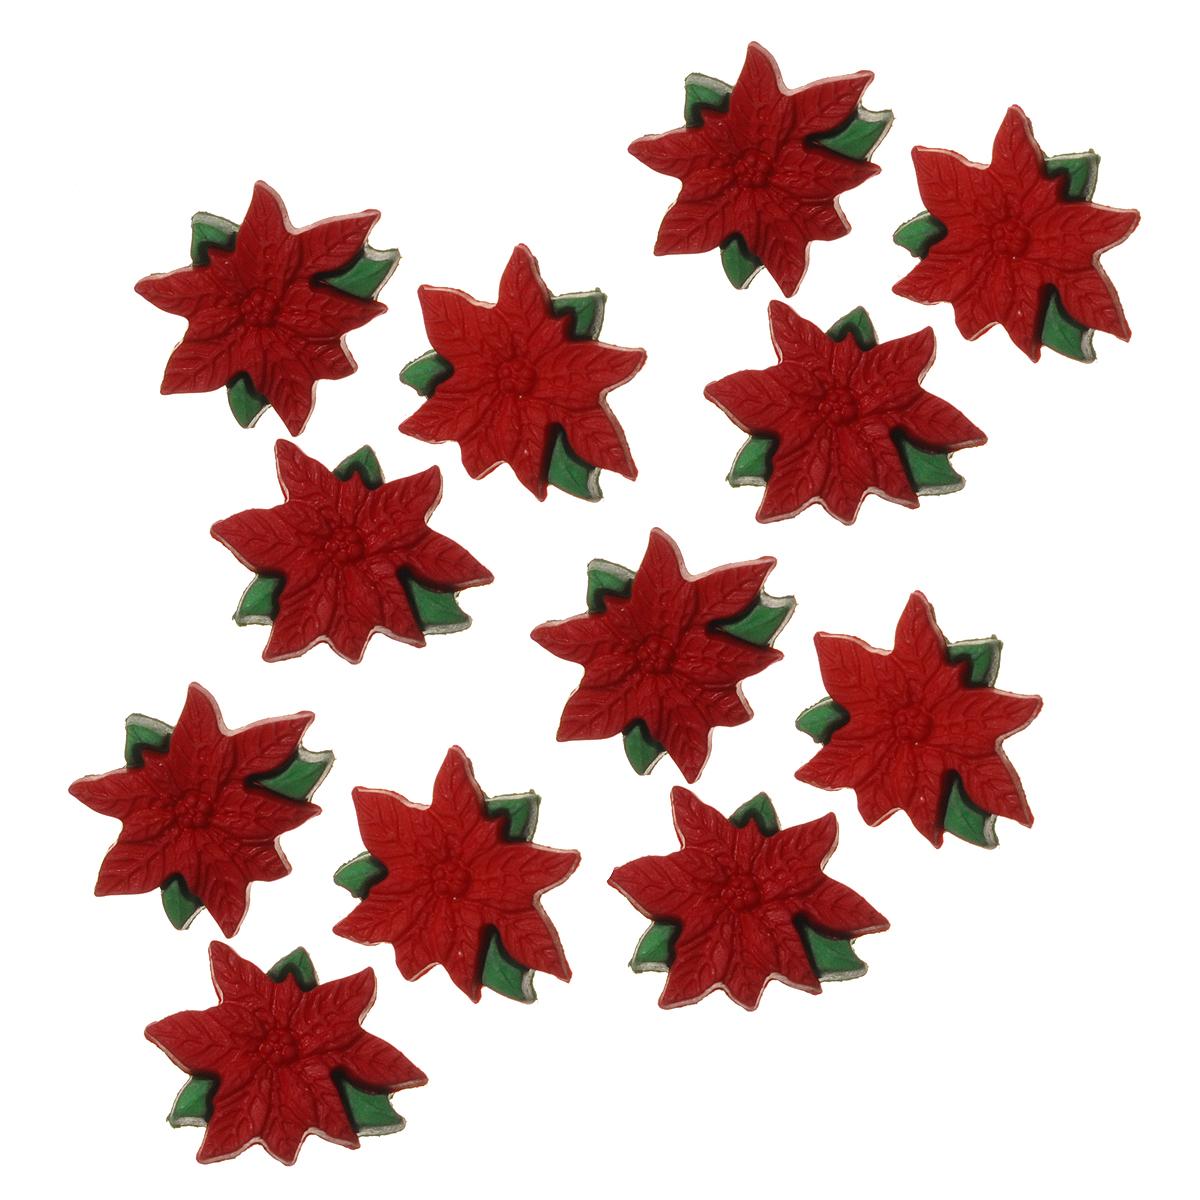 Фигурки декоративные Dress It Up Красная пуансеттия, 12 шт. 77024467702446Набор Dress It Up Красная пуансеттия состоит из 12 декоративных фигурок, выполненных из пластика в форме цветков. Такие фигурки подходят для любых видов творчества: скрапбукинга, декорирования, шитья, изготовления кукол, а также для оформления одежды. С их помощью вы сможете украсить открытку, фотографию, альбом, подарок и другие предметы ручной работы. Фигурки разных цветов имеют оригинальный и яркий дизайн.